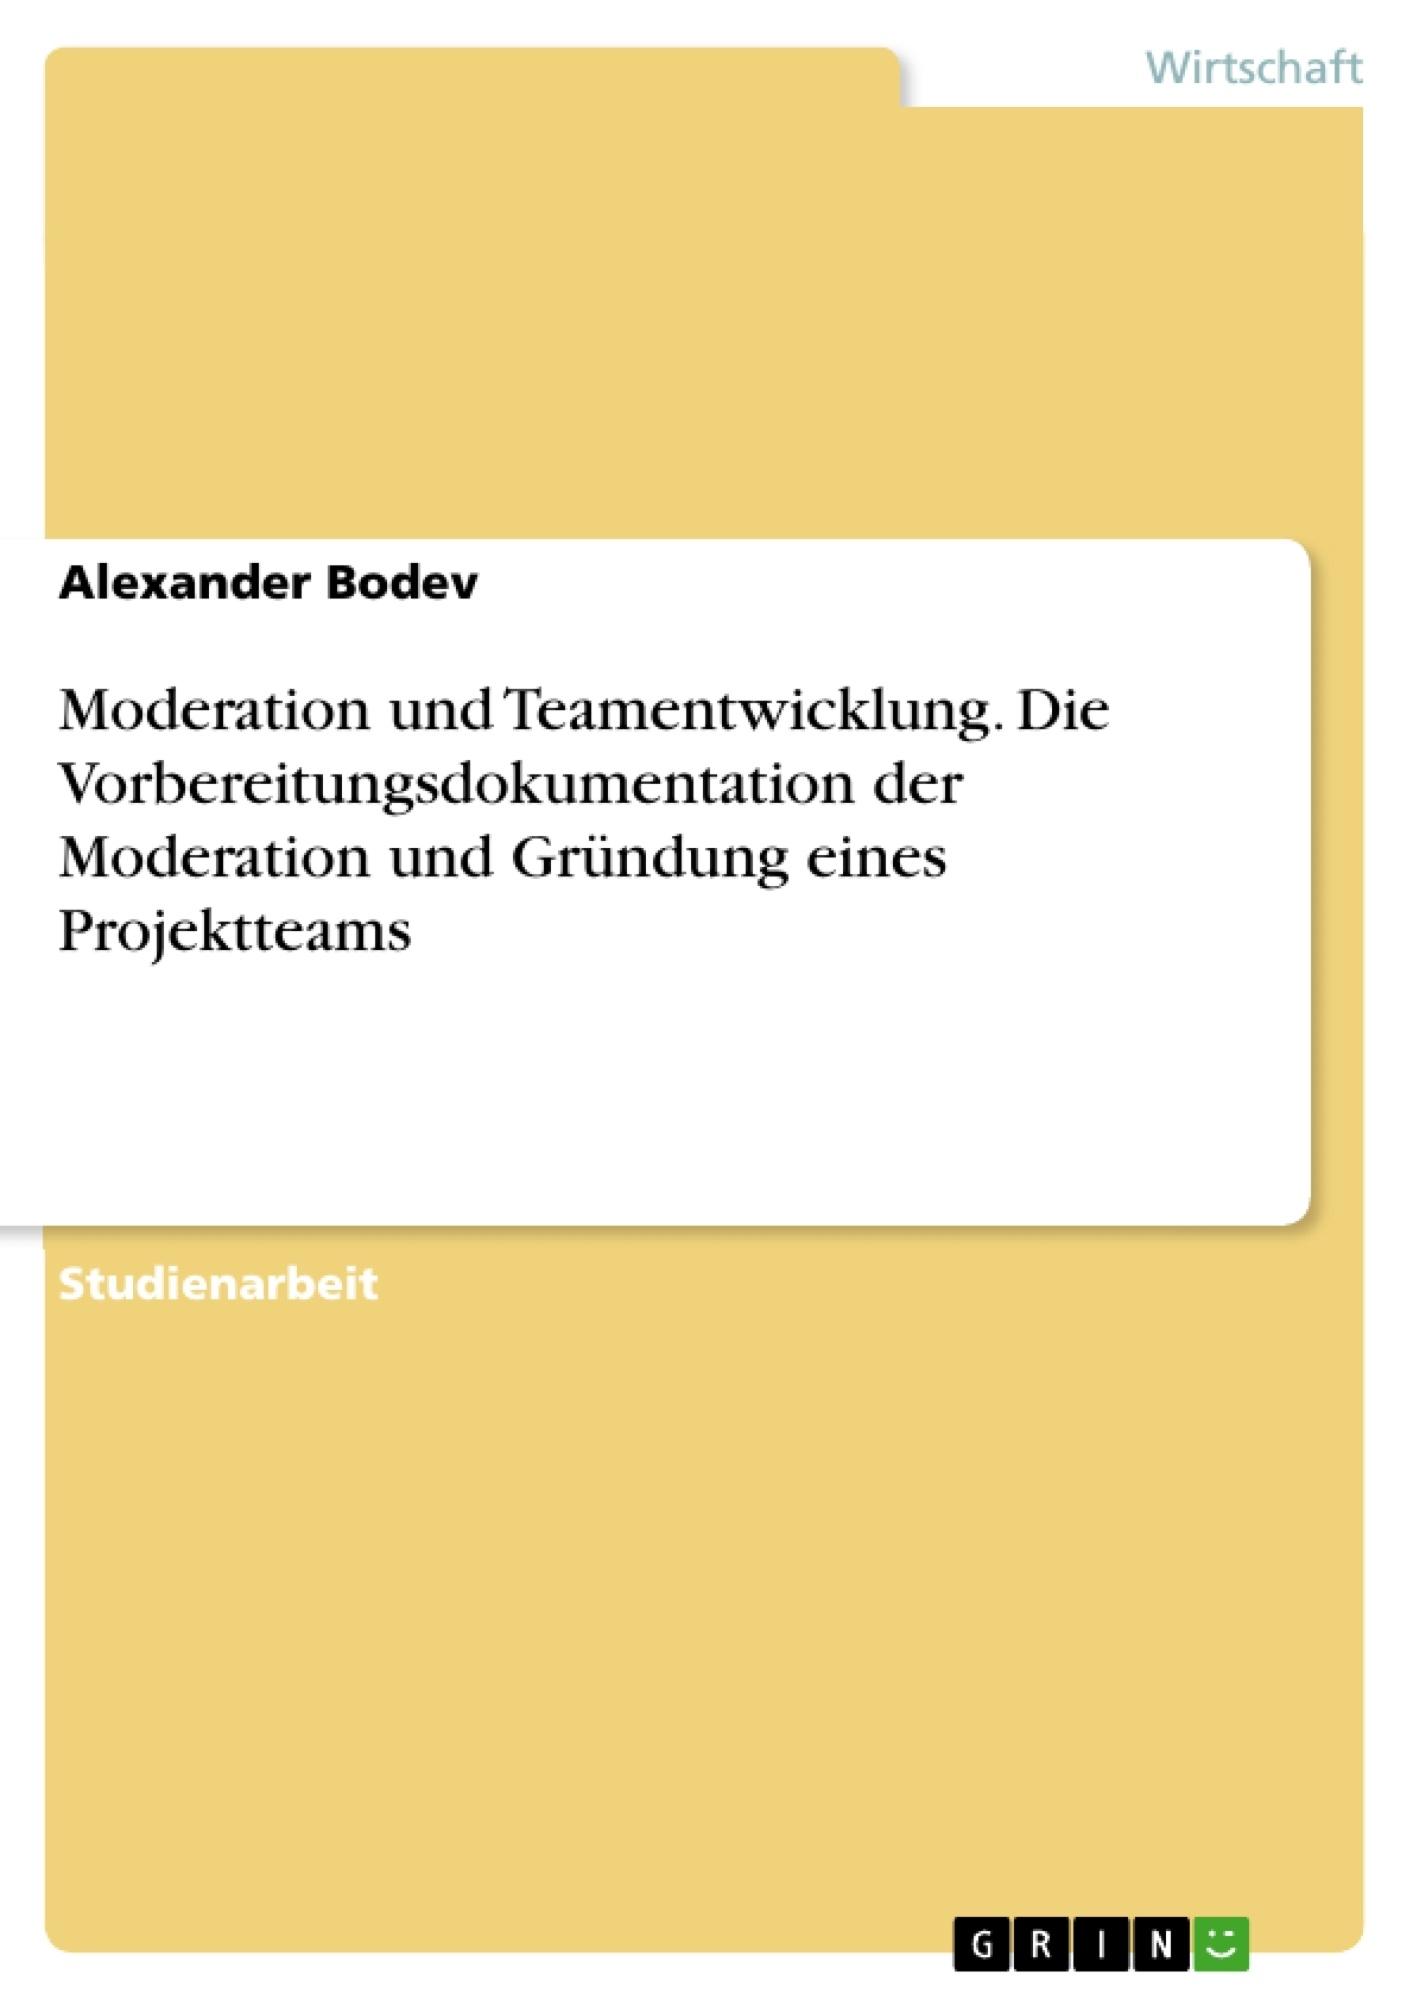 Titel: Moderation und Teamentwicklung. Die Vorbereitungsdokumentation der Moderation und Gründung eines Projektteams